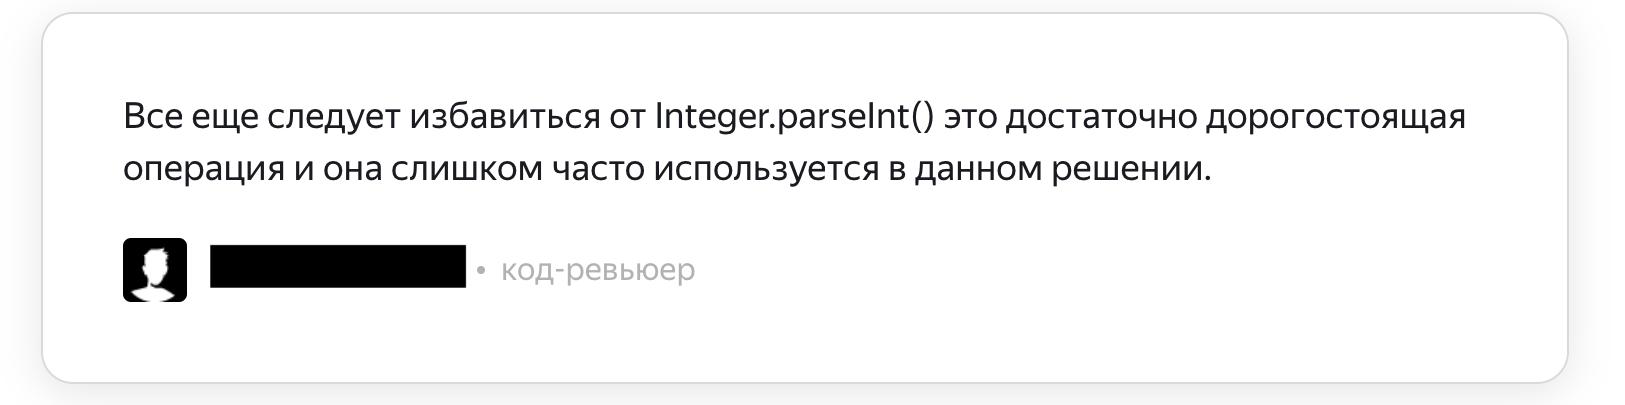 Комментарий ревьюера к алгоритму, в котором Integer.parseInt() используется только при считывании входных строк